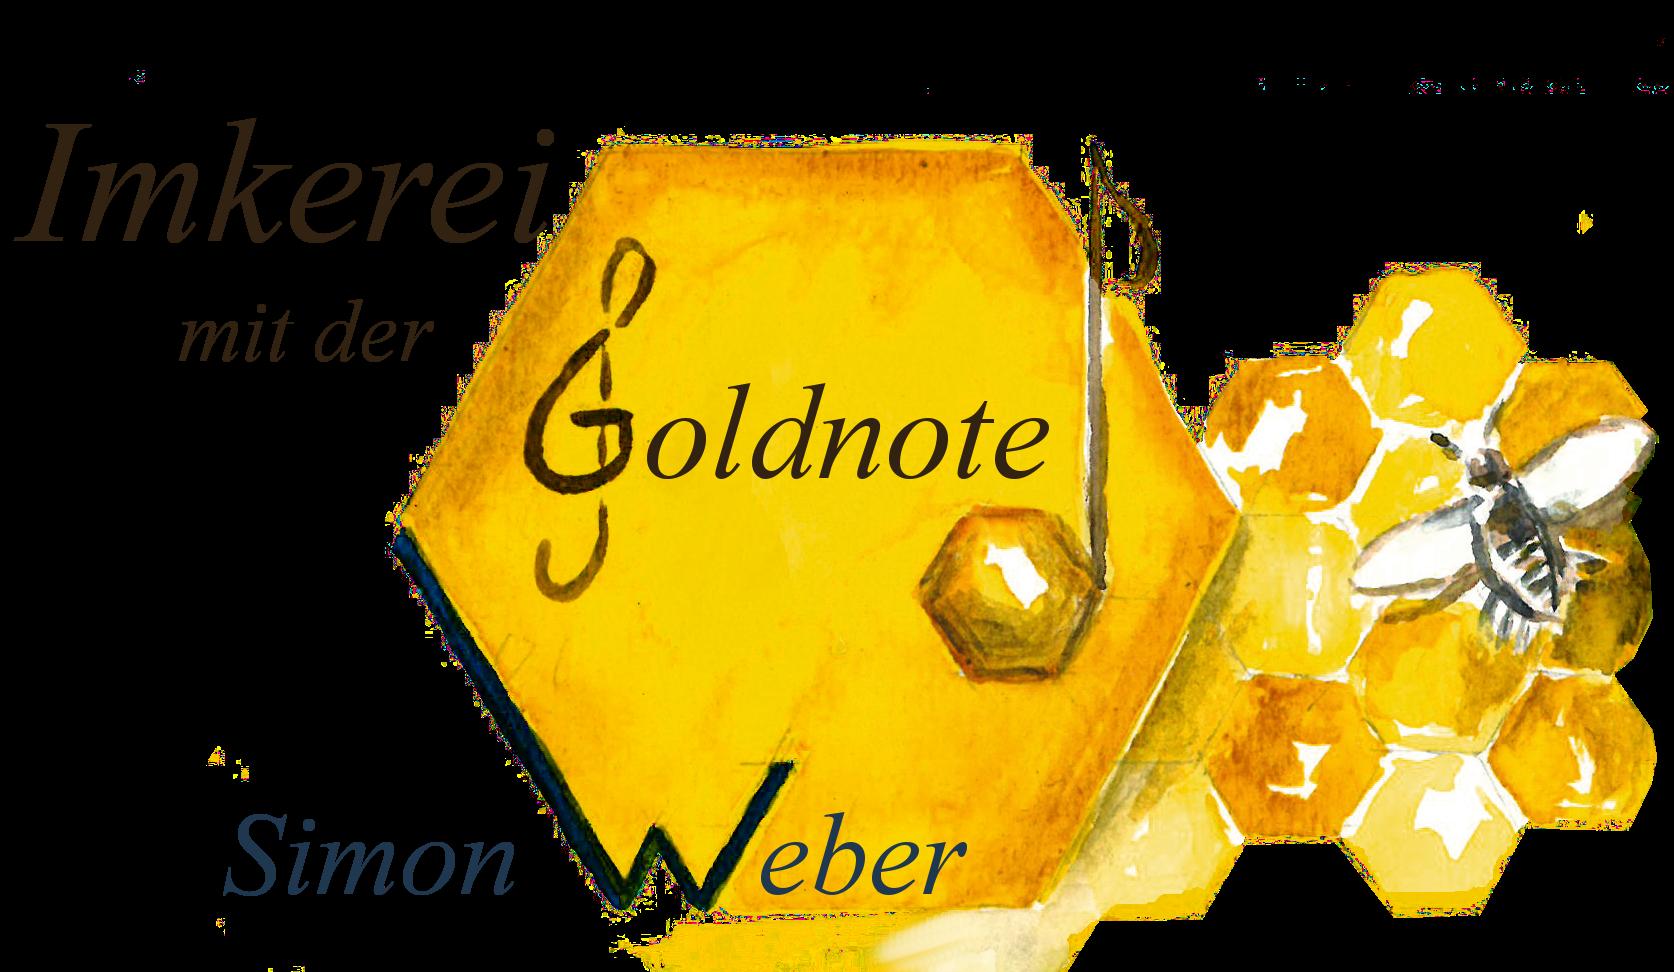 Imkerei mit der Goldnote - Simon Weber, Röhrnbach